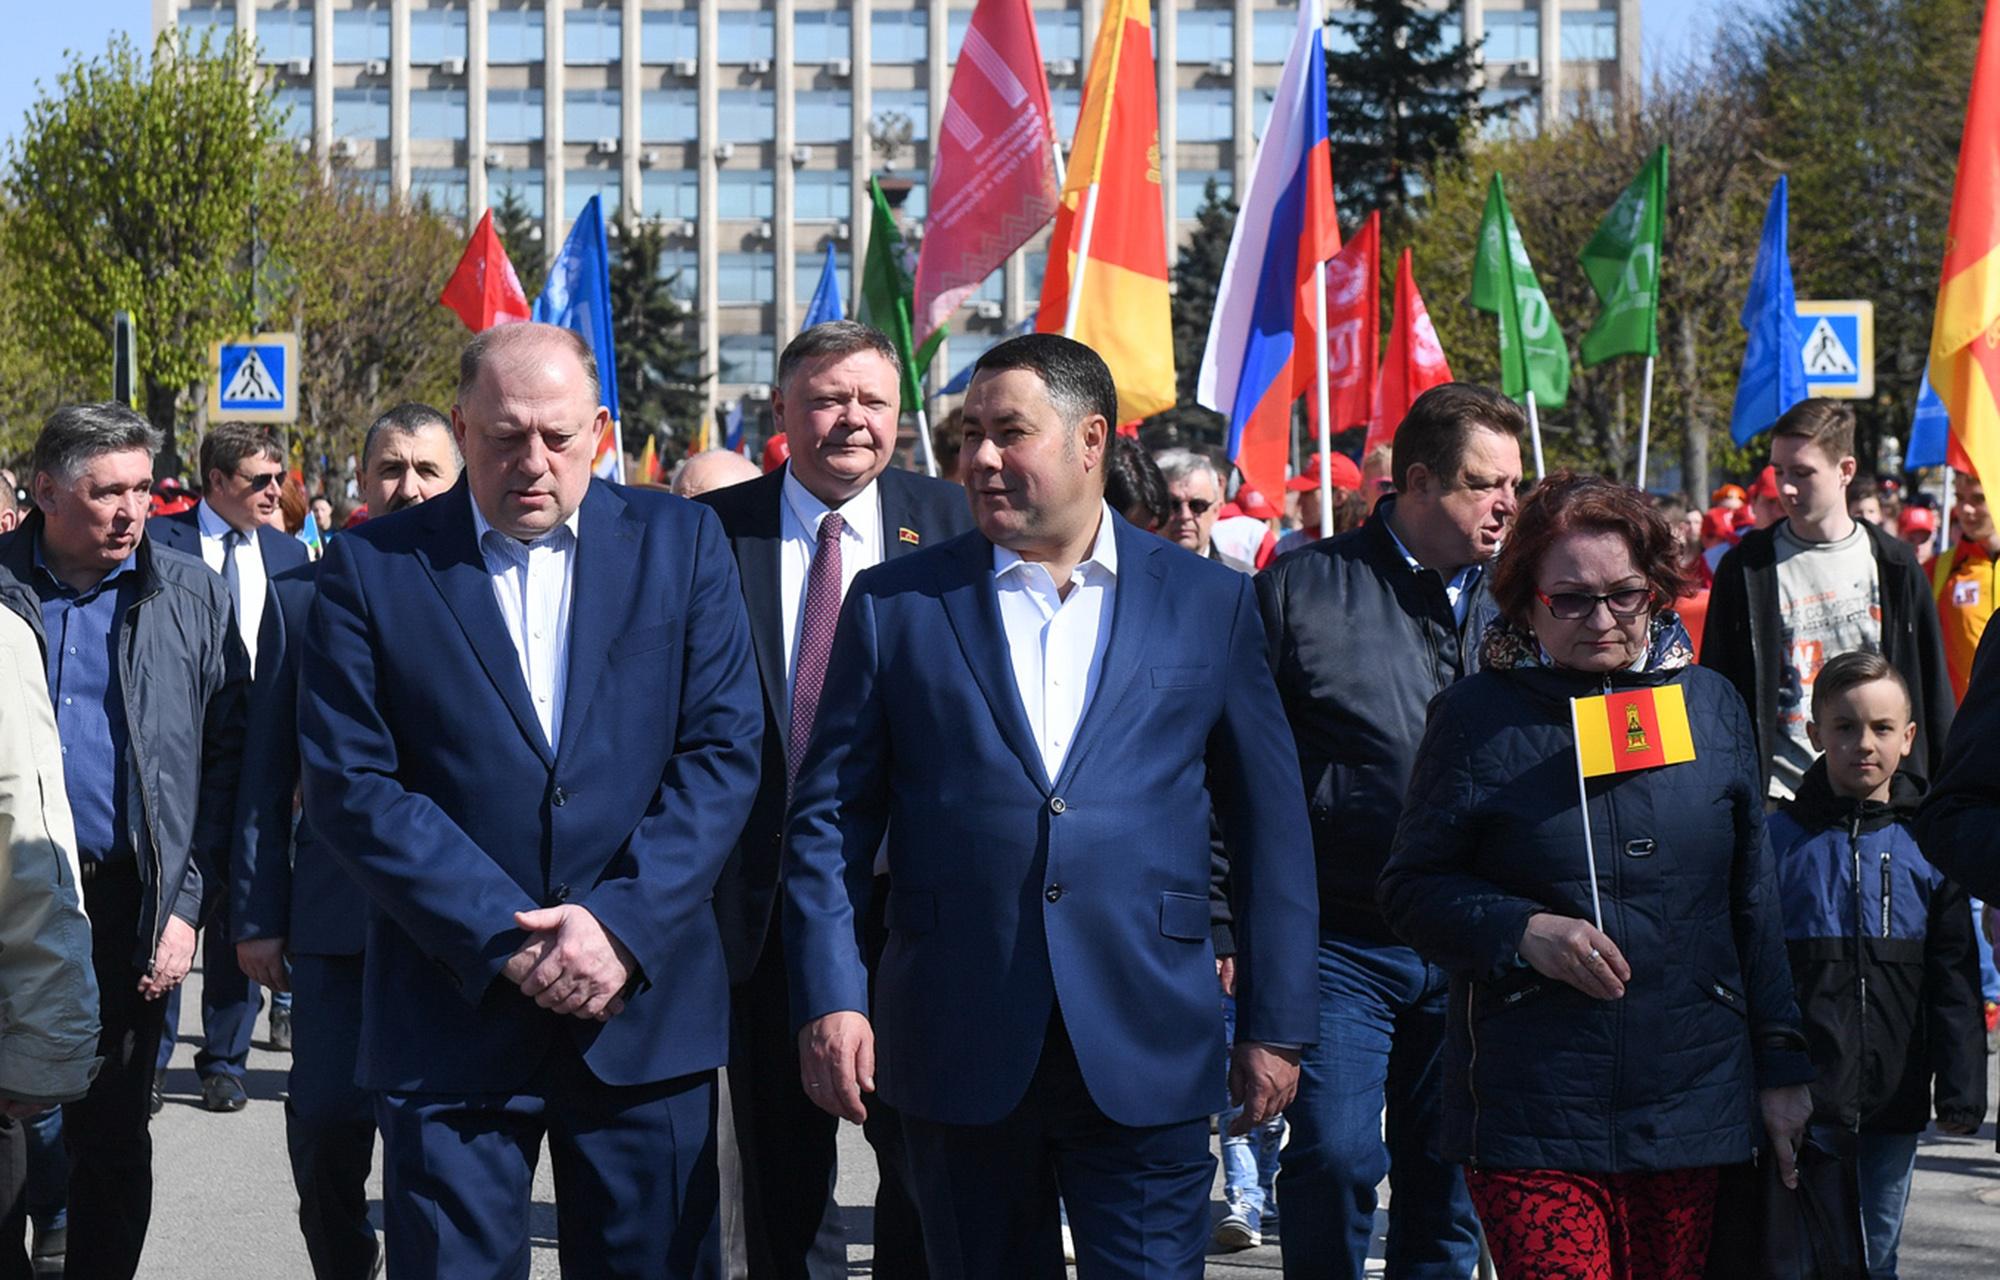 Губернатор Игорь Руденя поздравил жителей Тверской области с праздником весны и труда